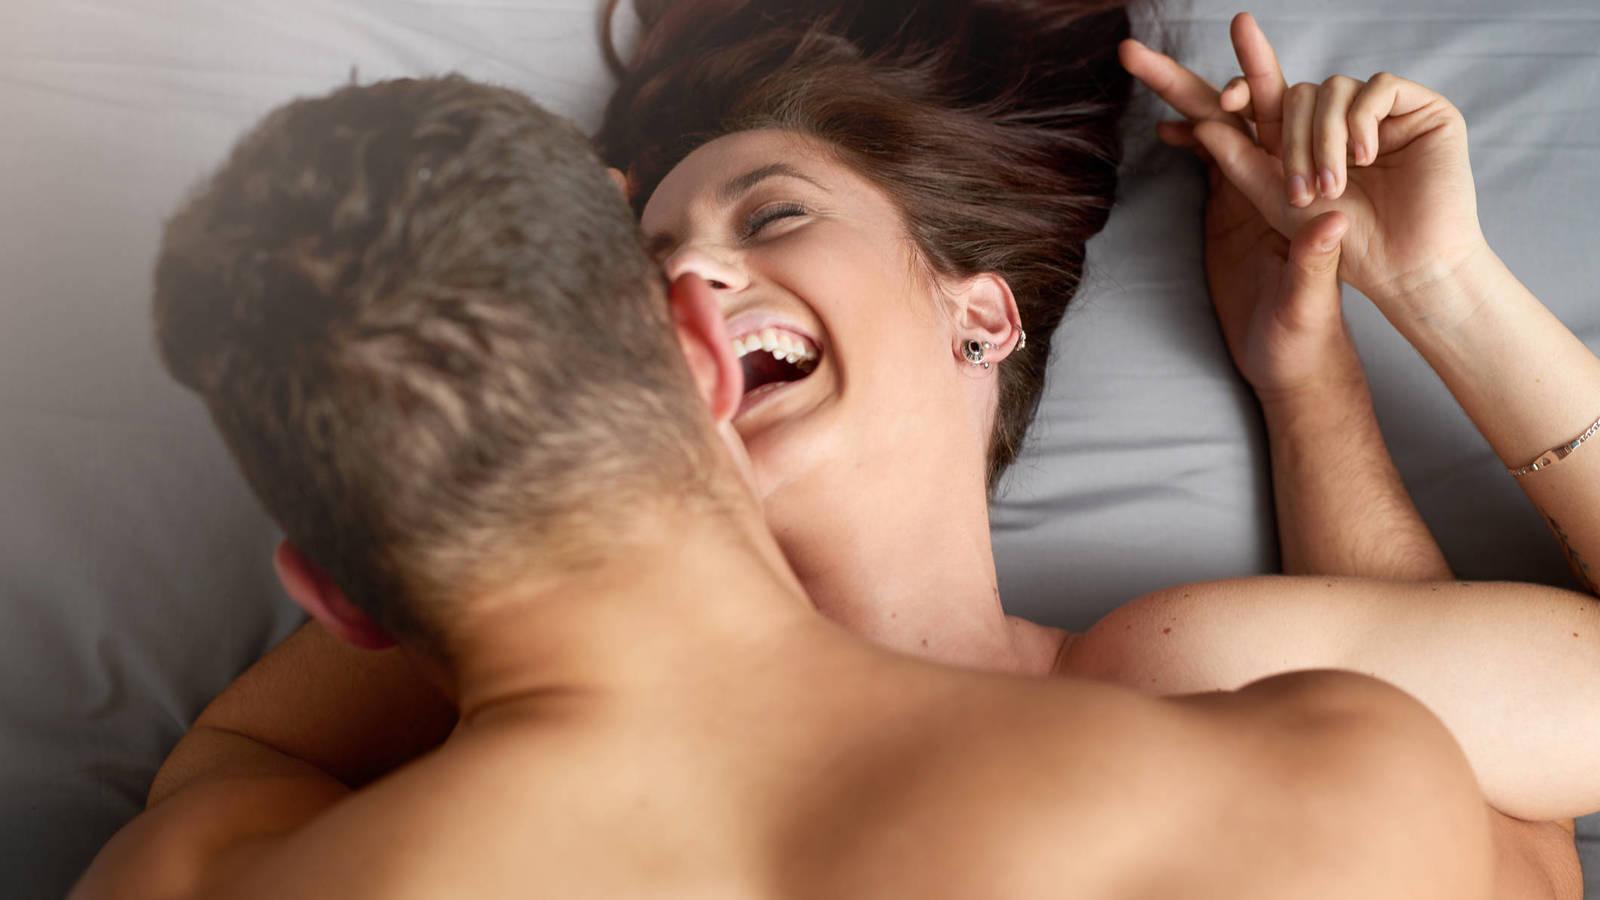 orgasmos femeninos el mejor placer